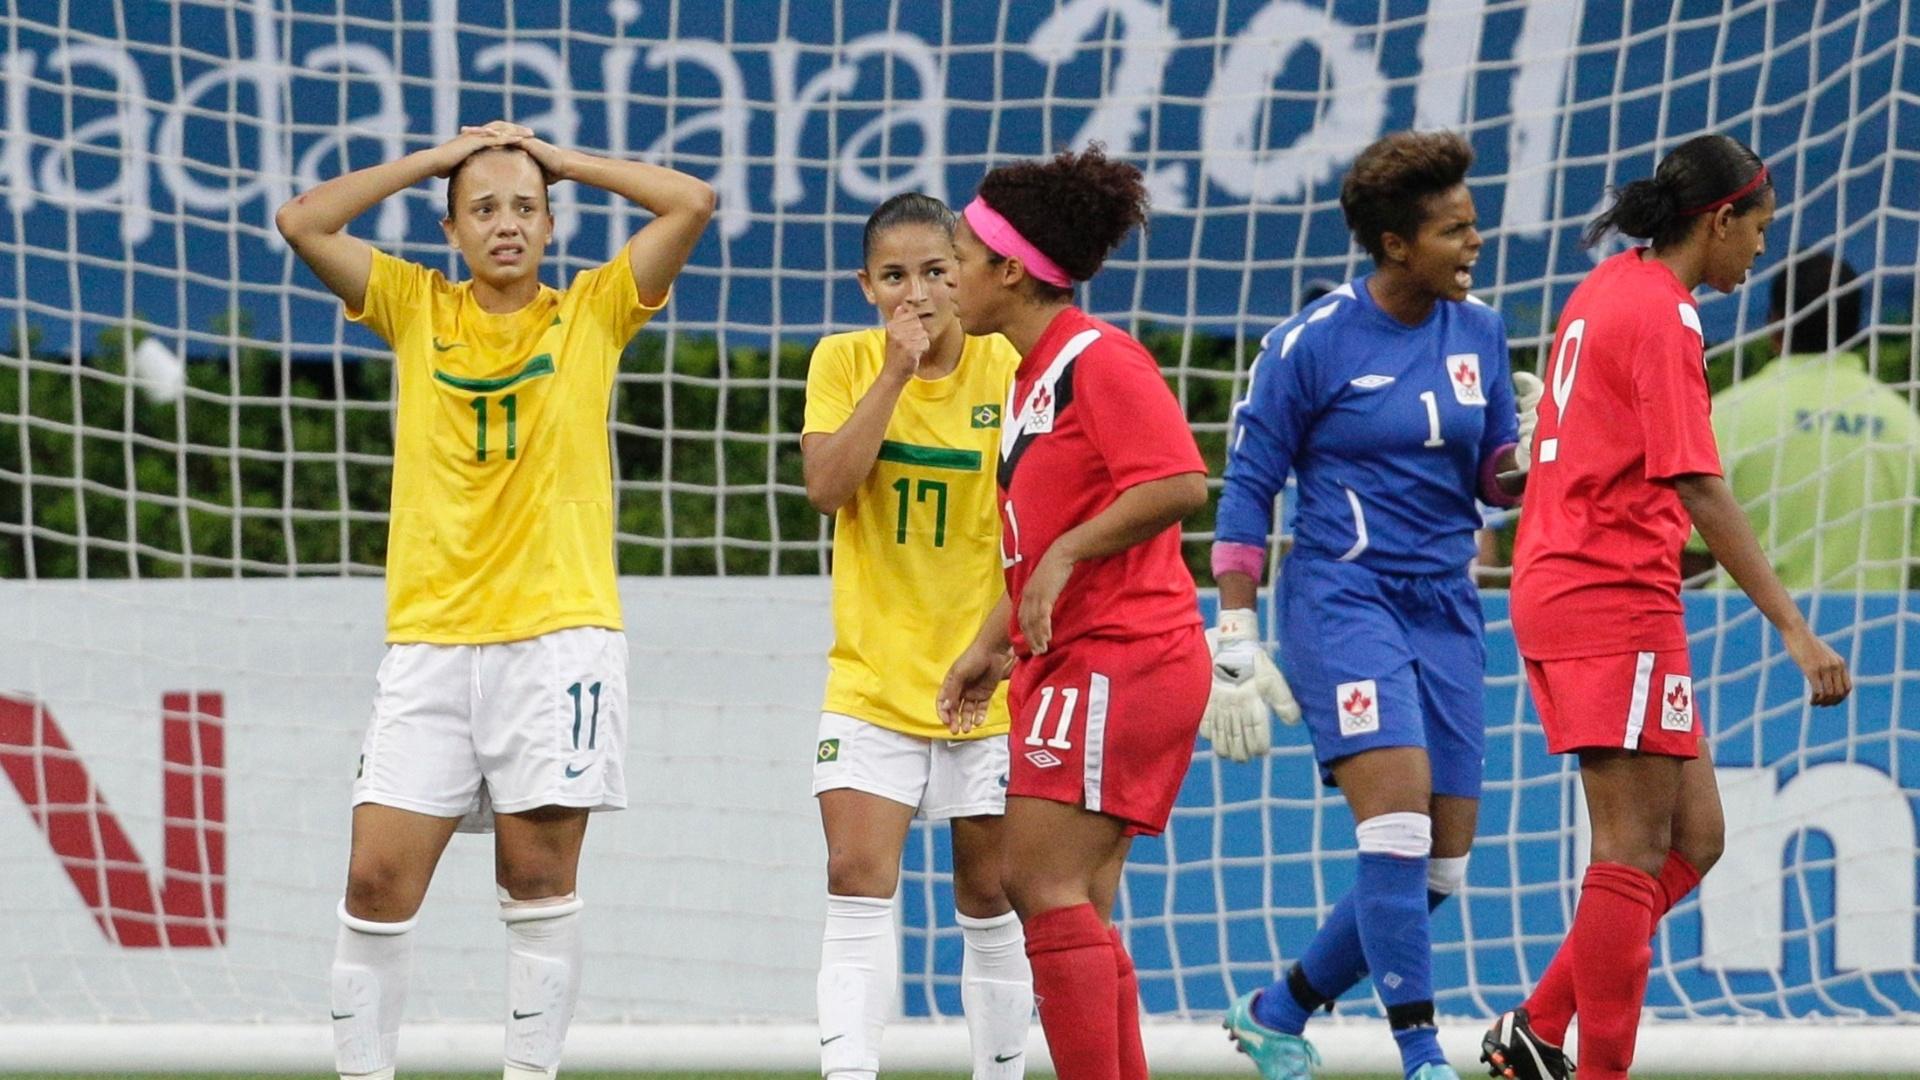 Brasil perdeu para o Canadá por 4 a 3 nos pênaltis, na decisão do futebol feminino (27/10/2011)